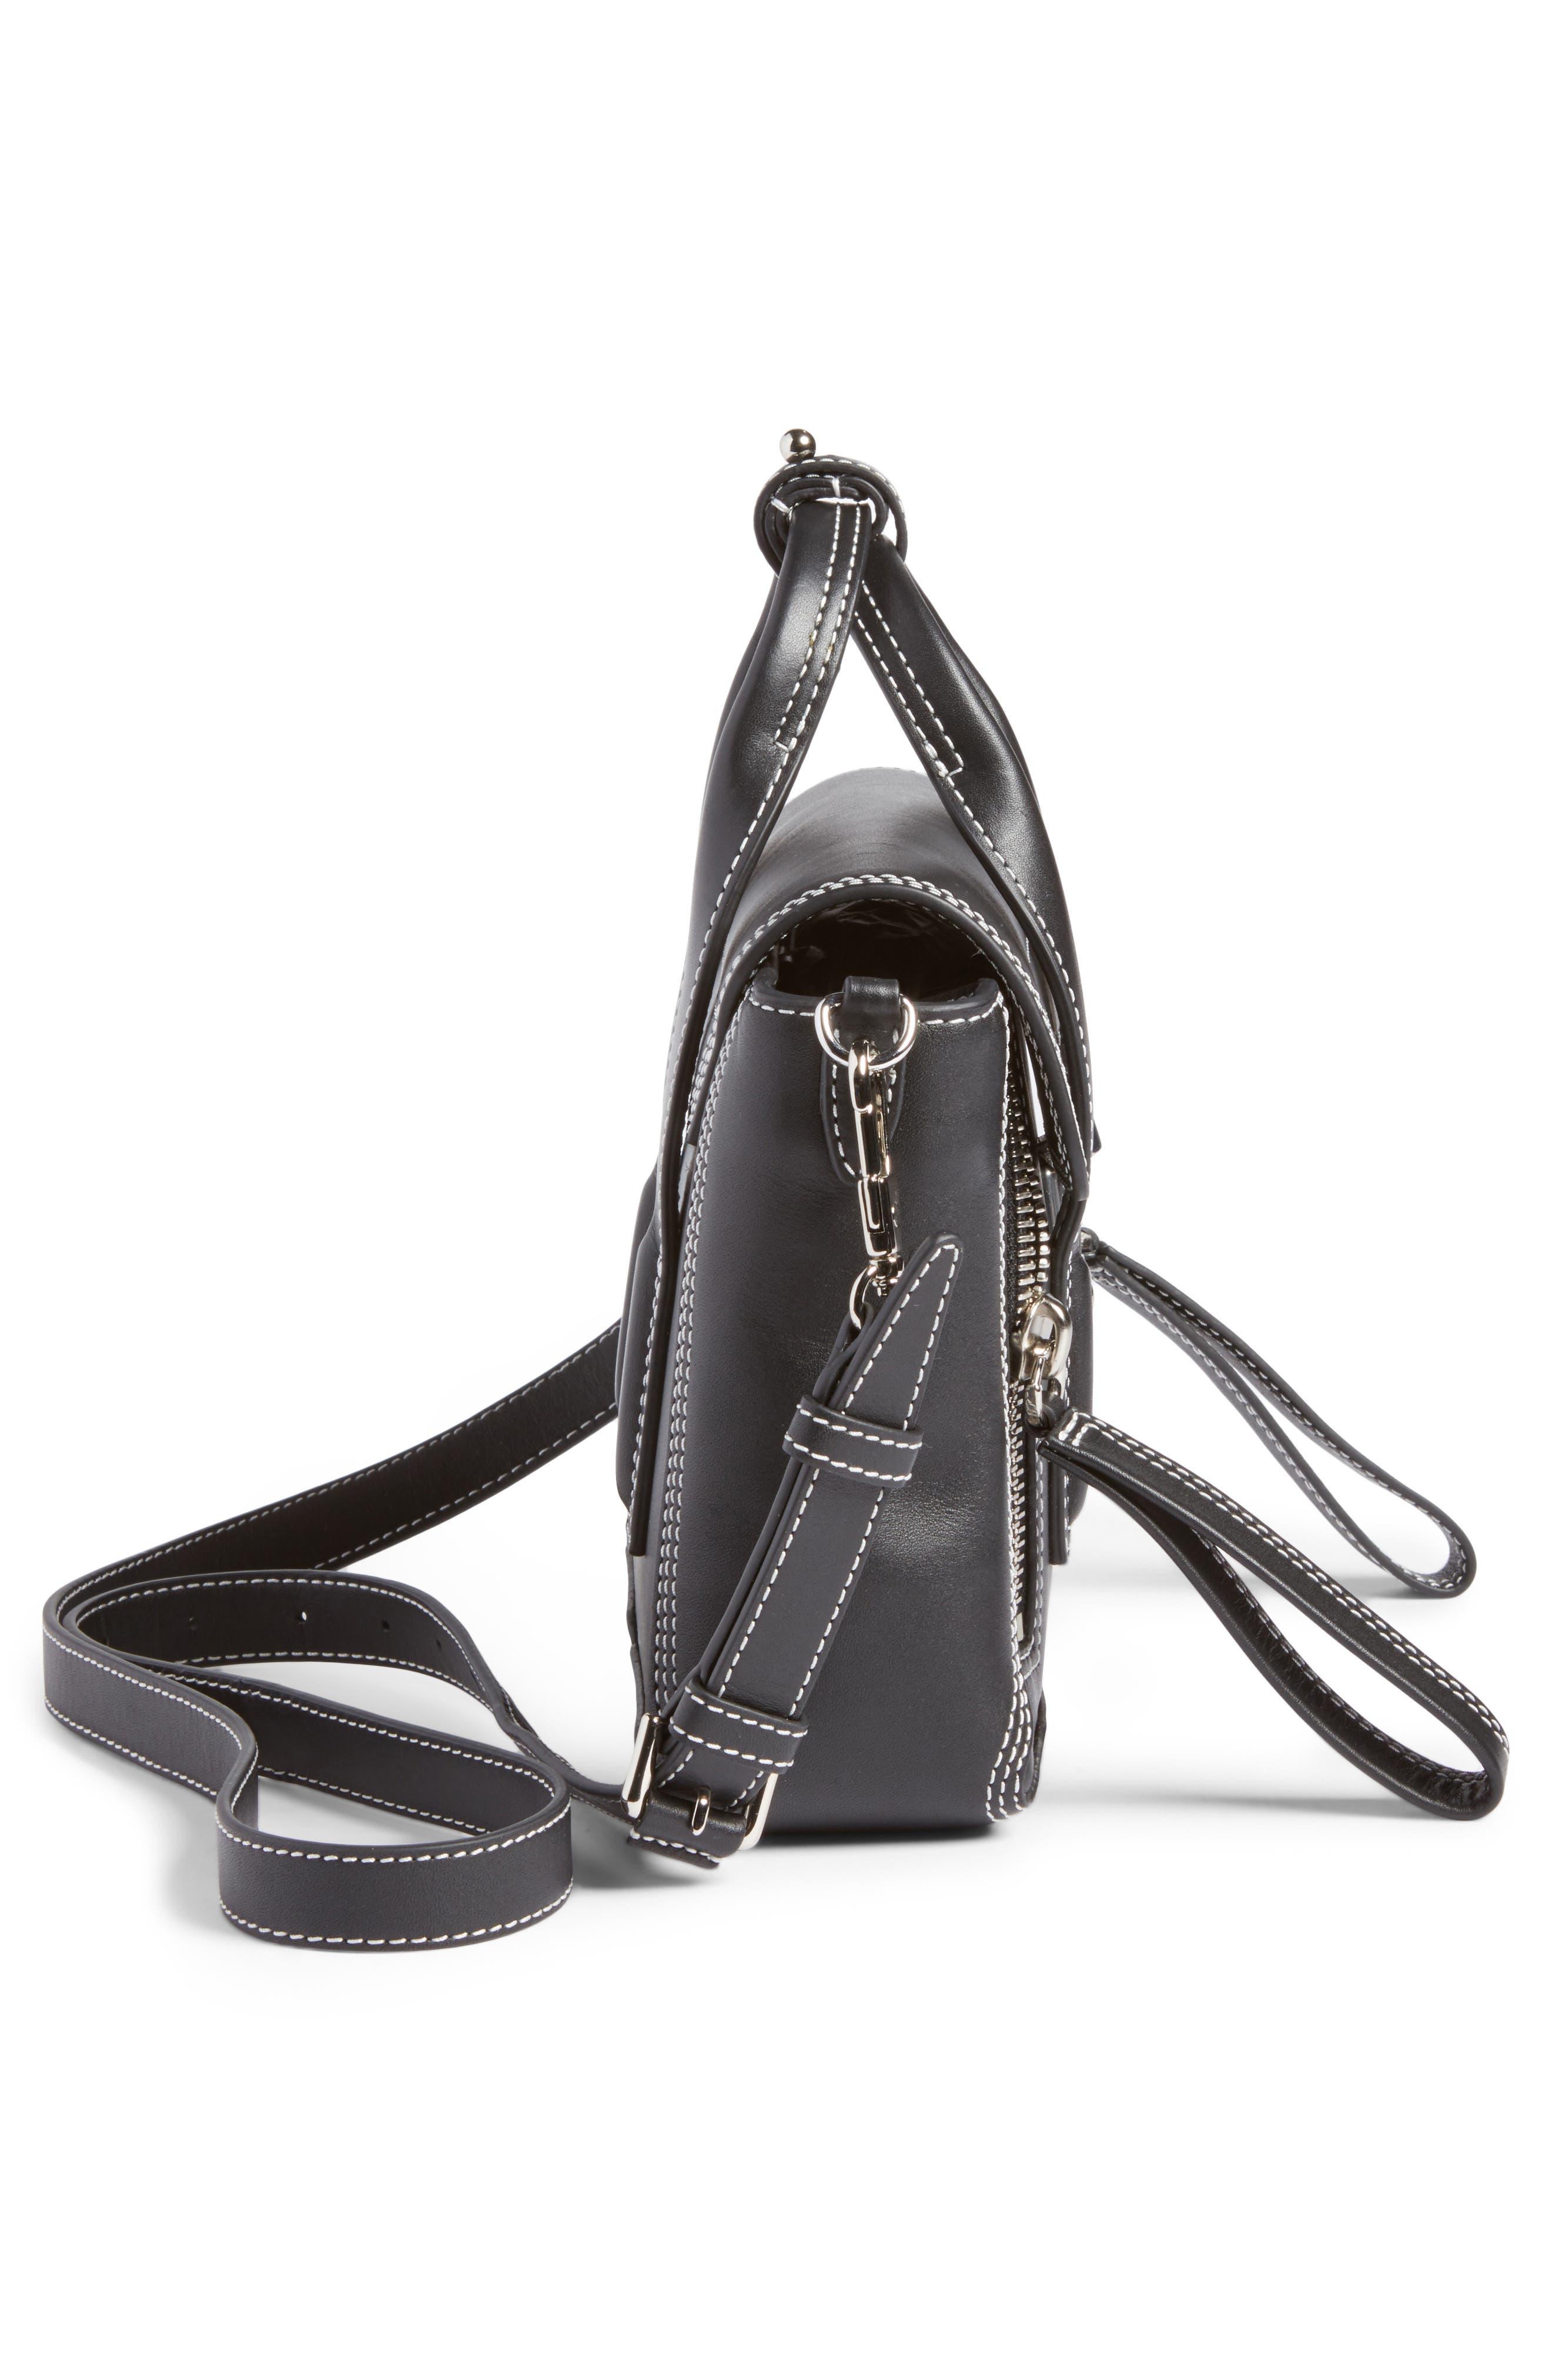 Mini Pashli Leather Satchel,                             Alternate thumbnail 4, color,                             Black